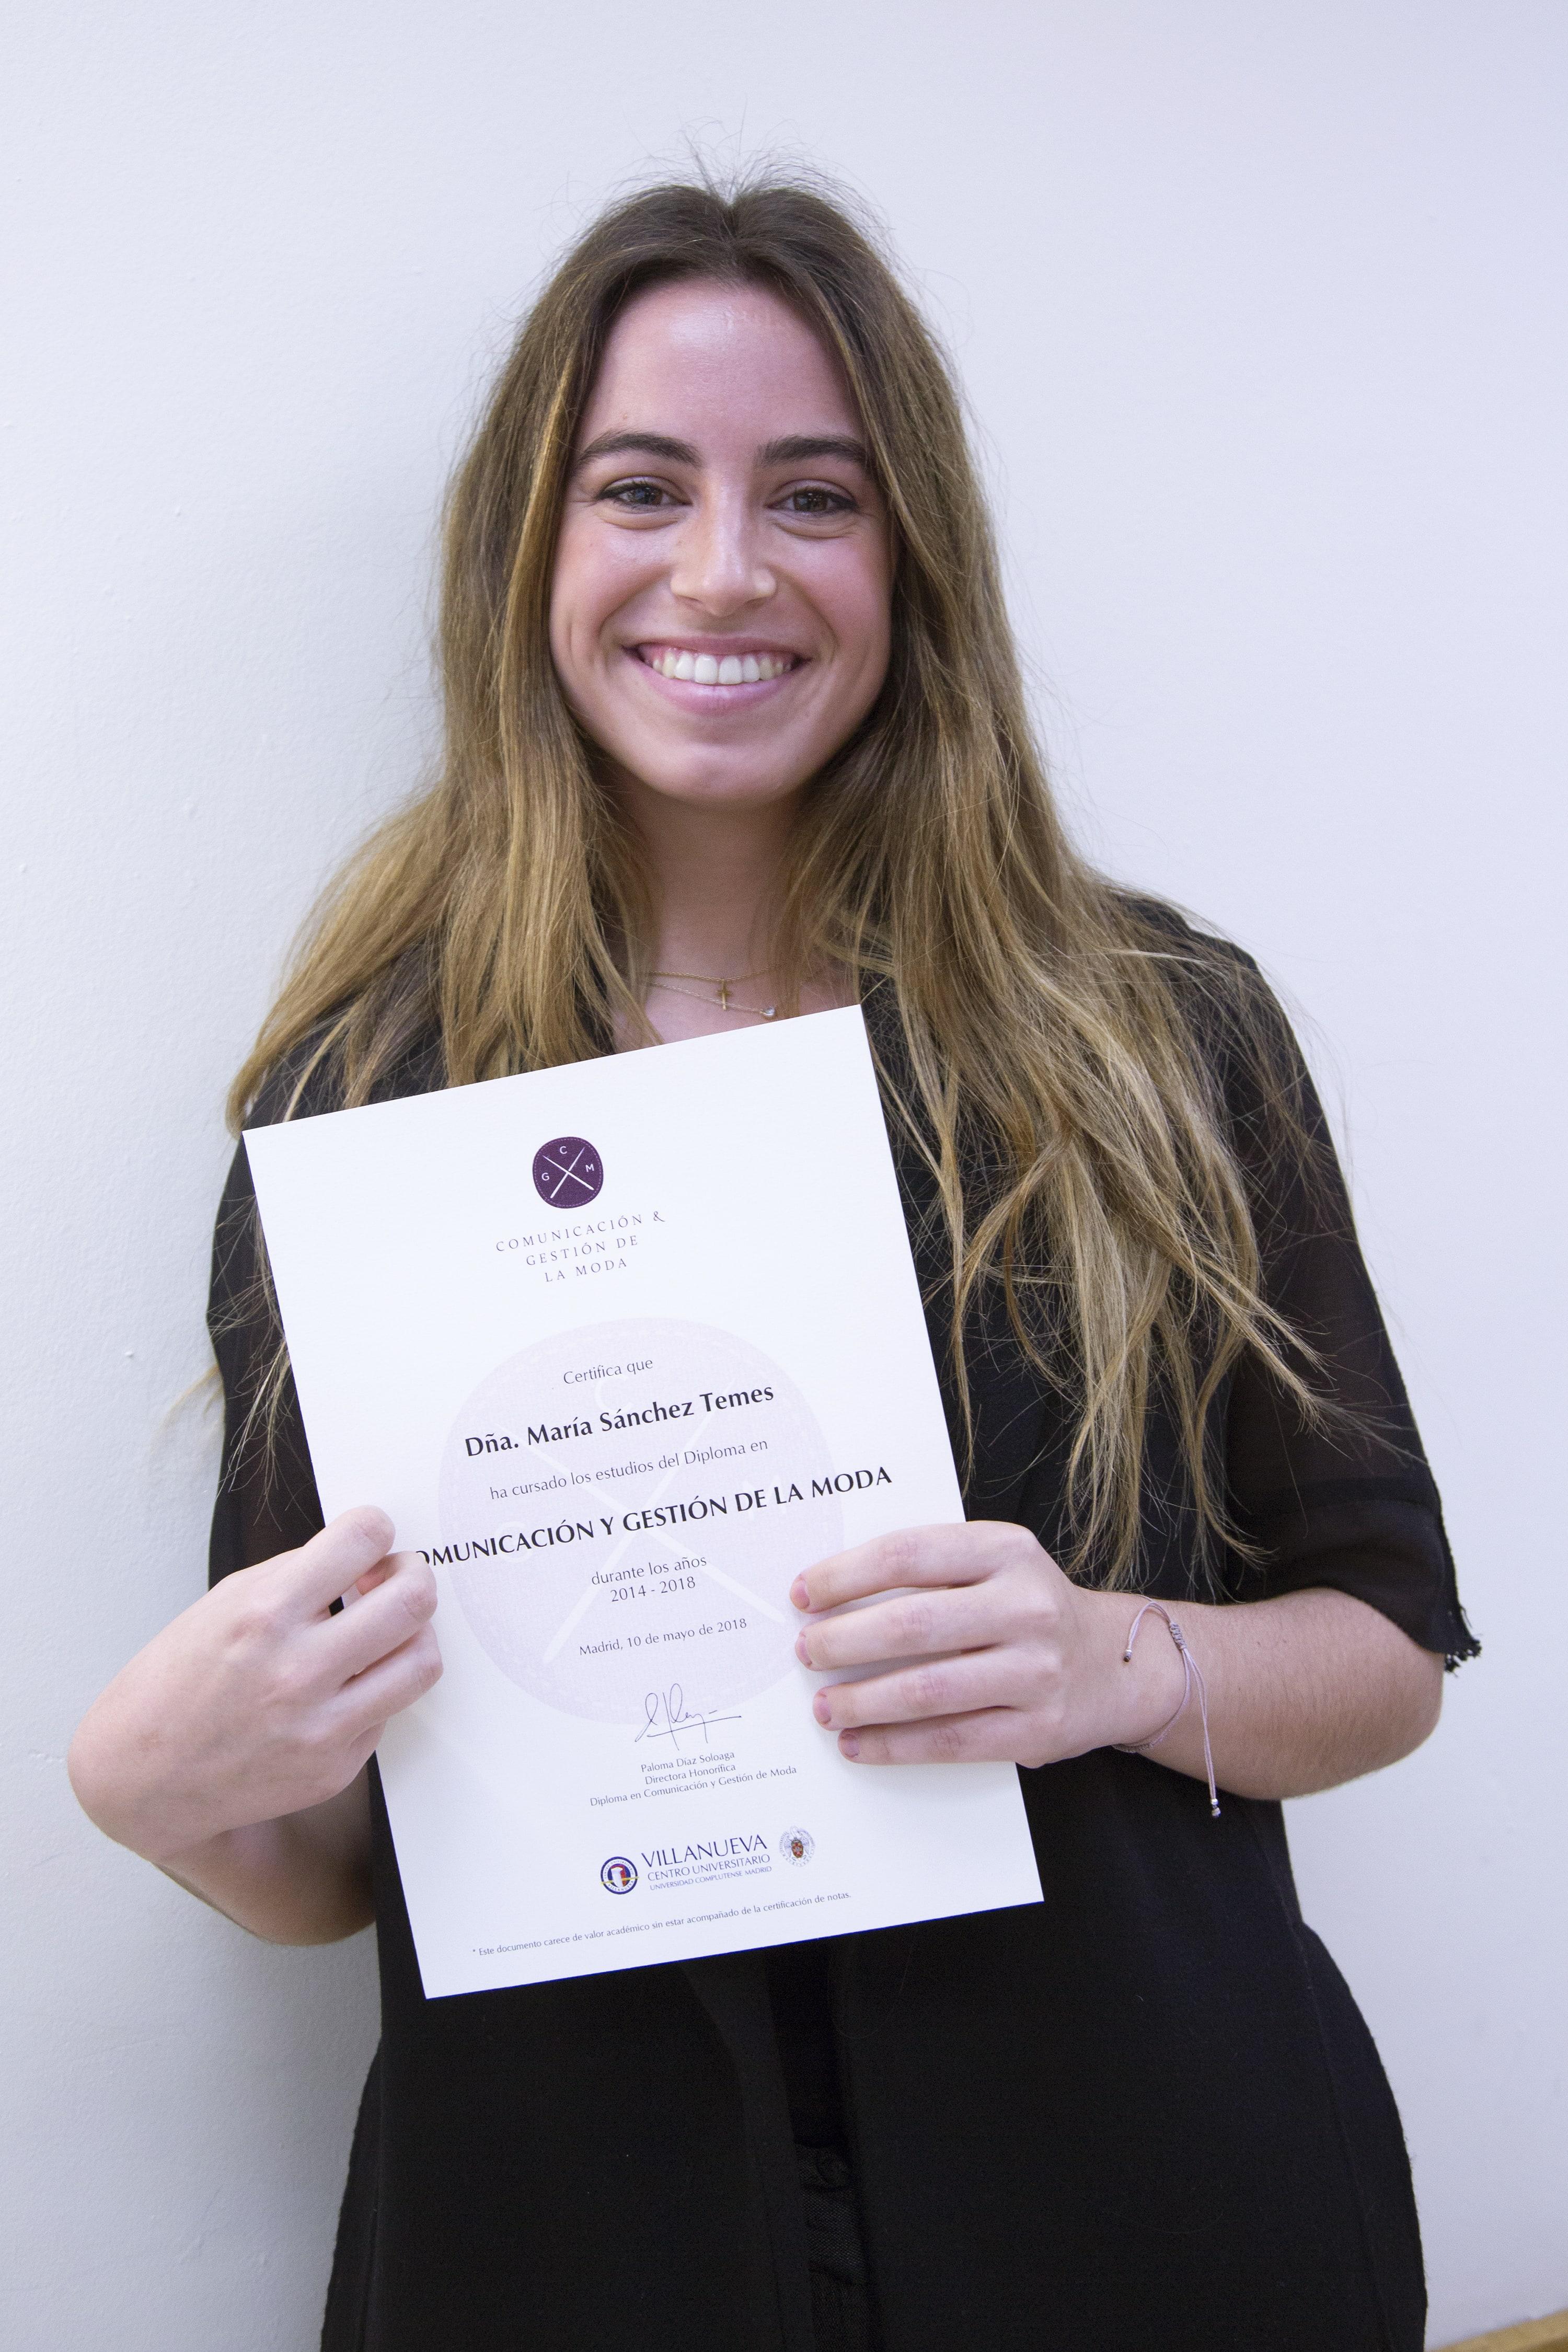 María Sánchez Temes